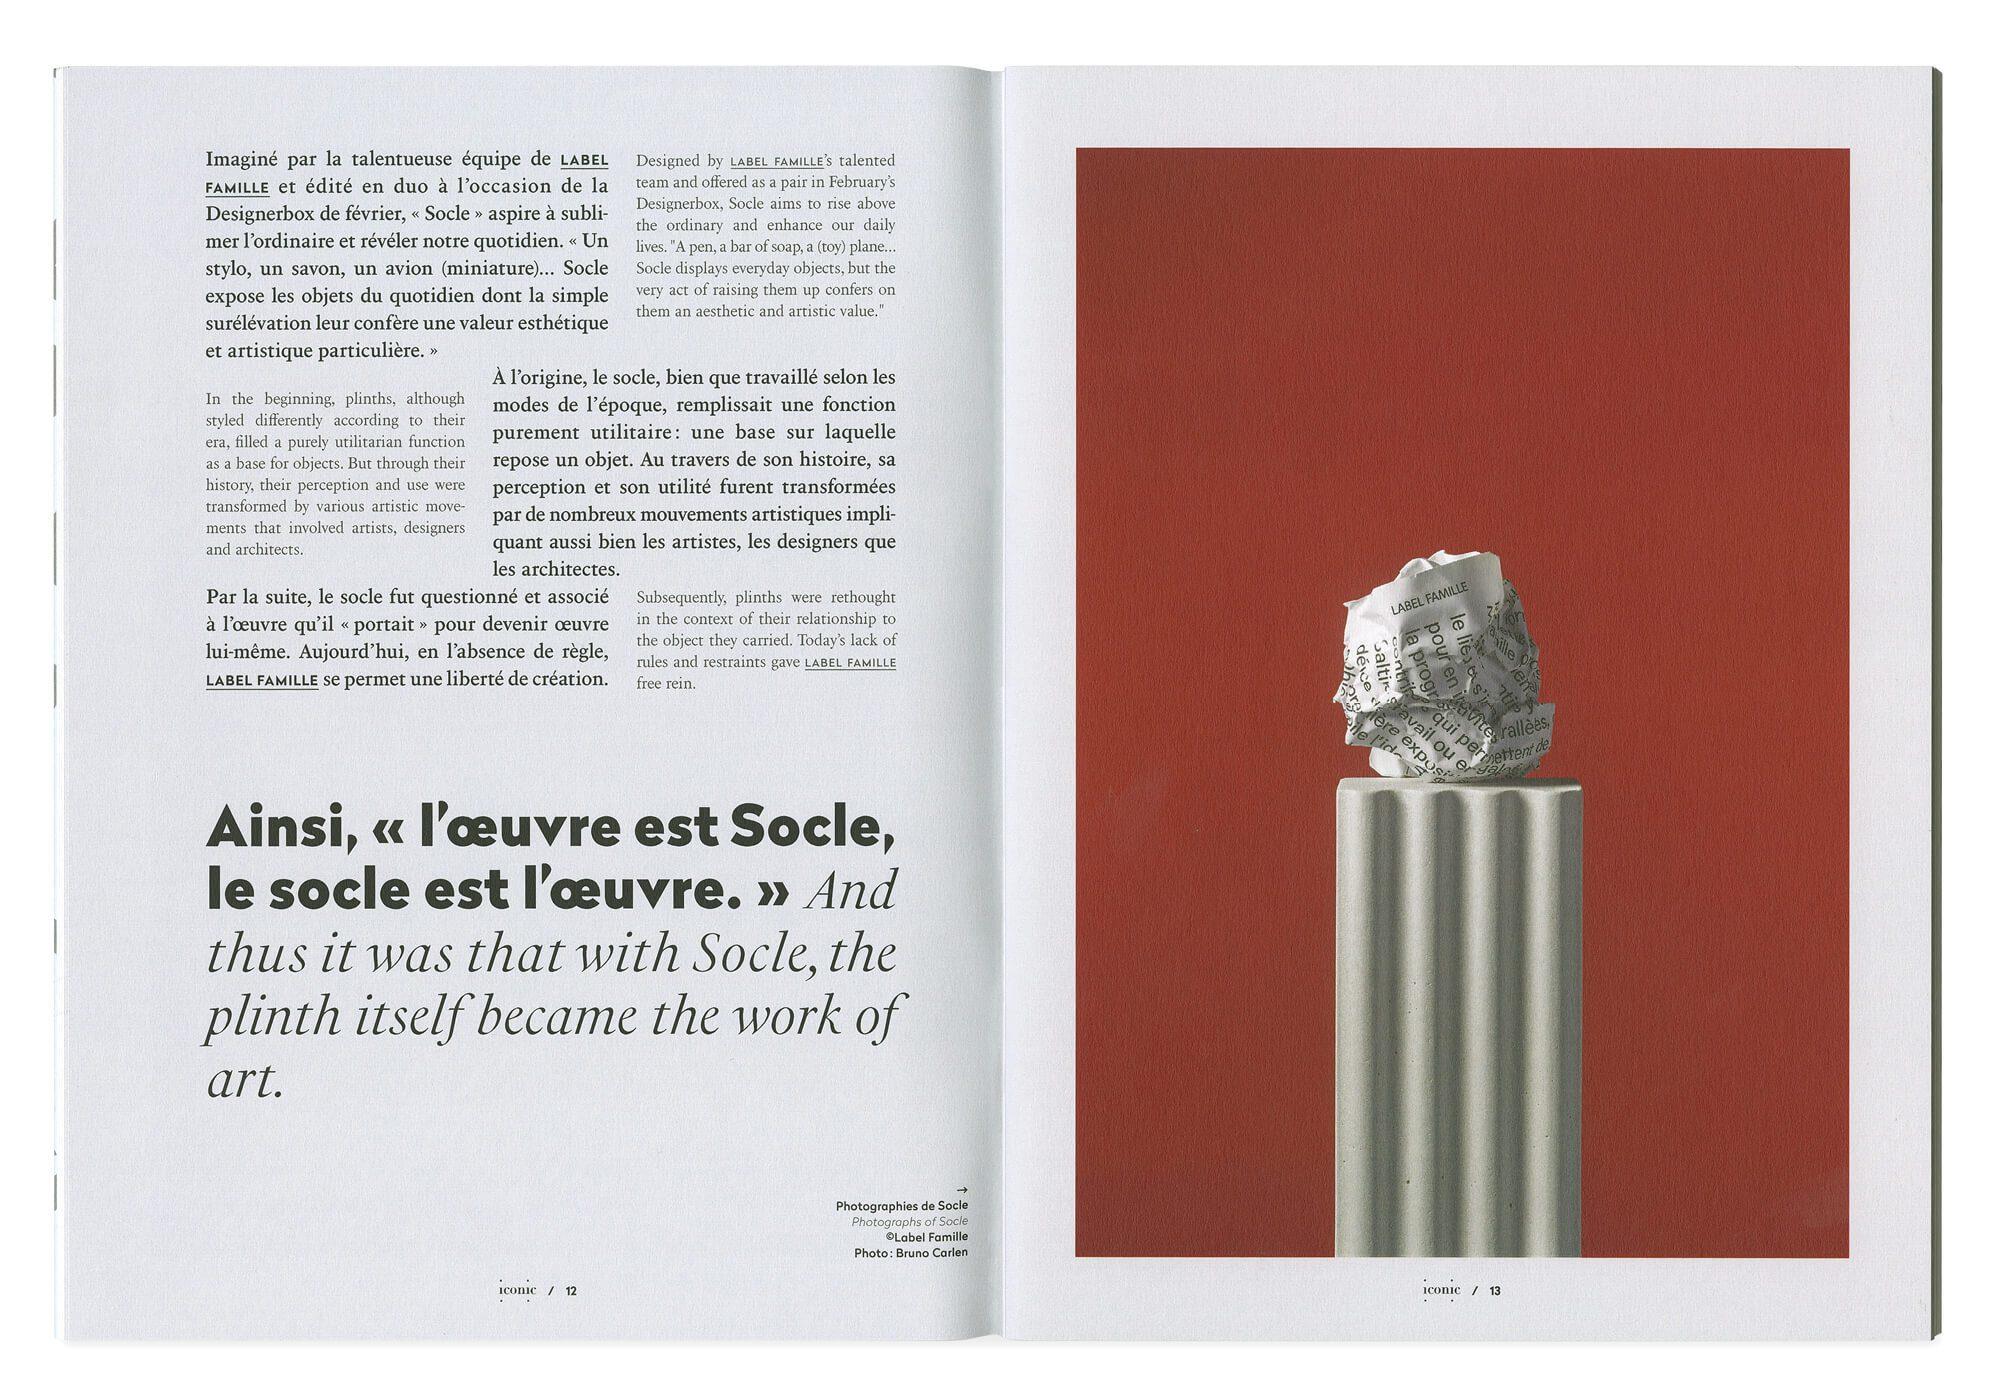 double page du magazine iconic sur l'objet socle par les designer label famille, mise en page ich&kar pour designerbox